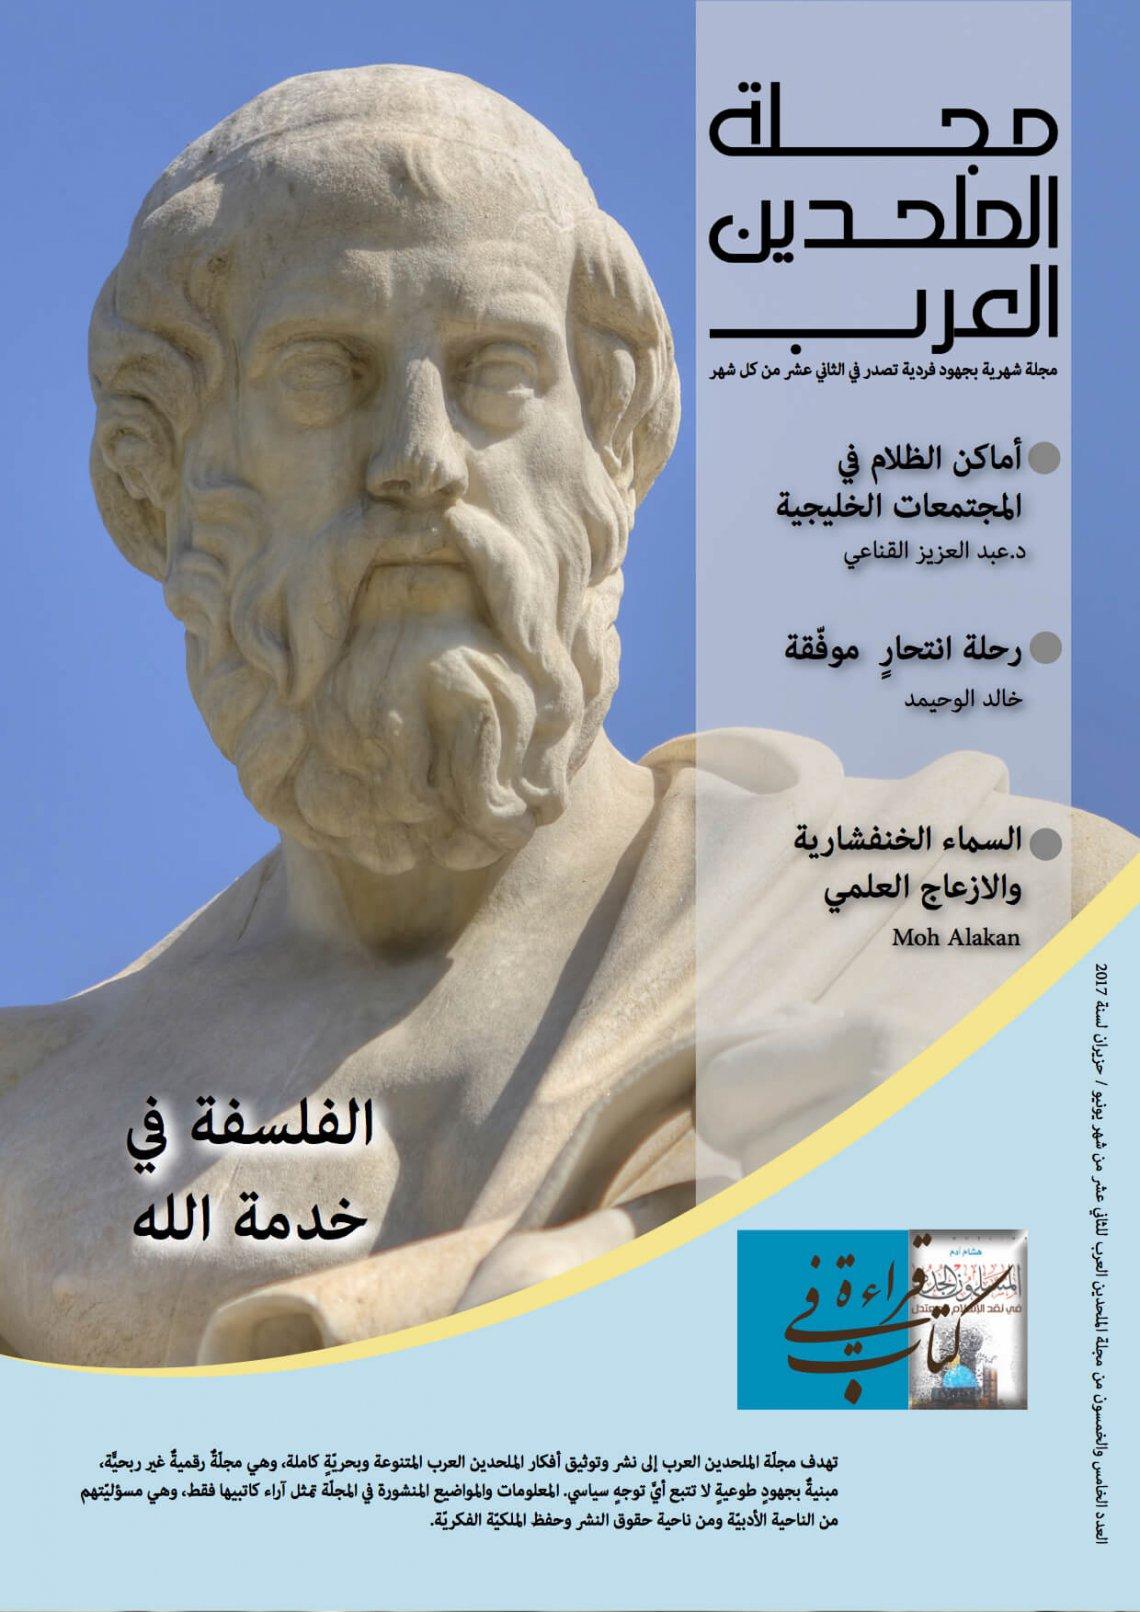 مجلة الملحدين العرب / العدد الخامس والخمسون / حزيران يونيو / 2017